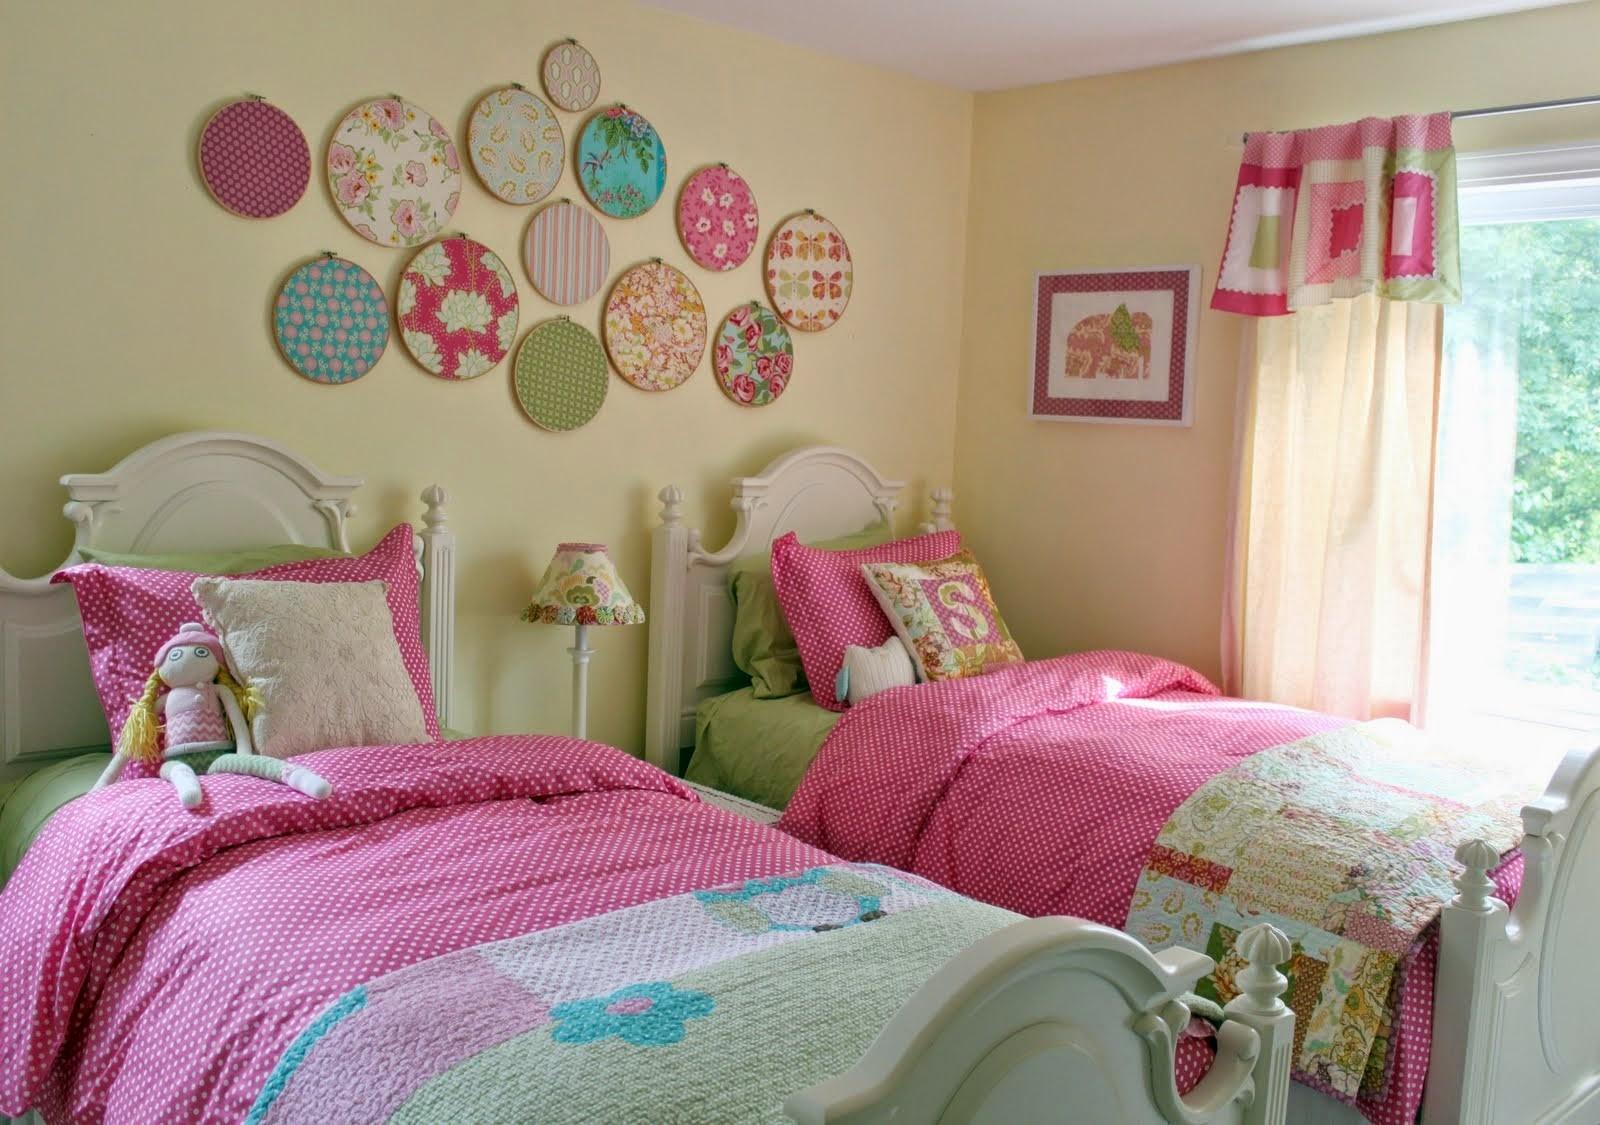 ألوان دهانات مناسبة لغرف أطفال بنات-غرفة بنات صفراء